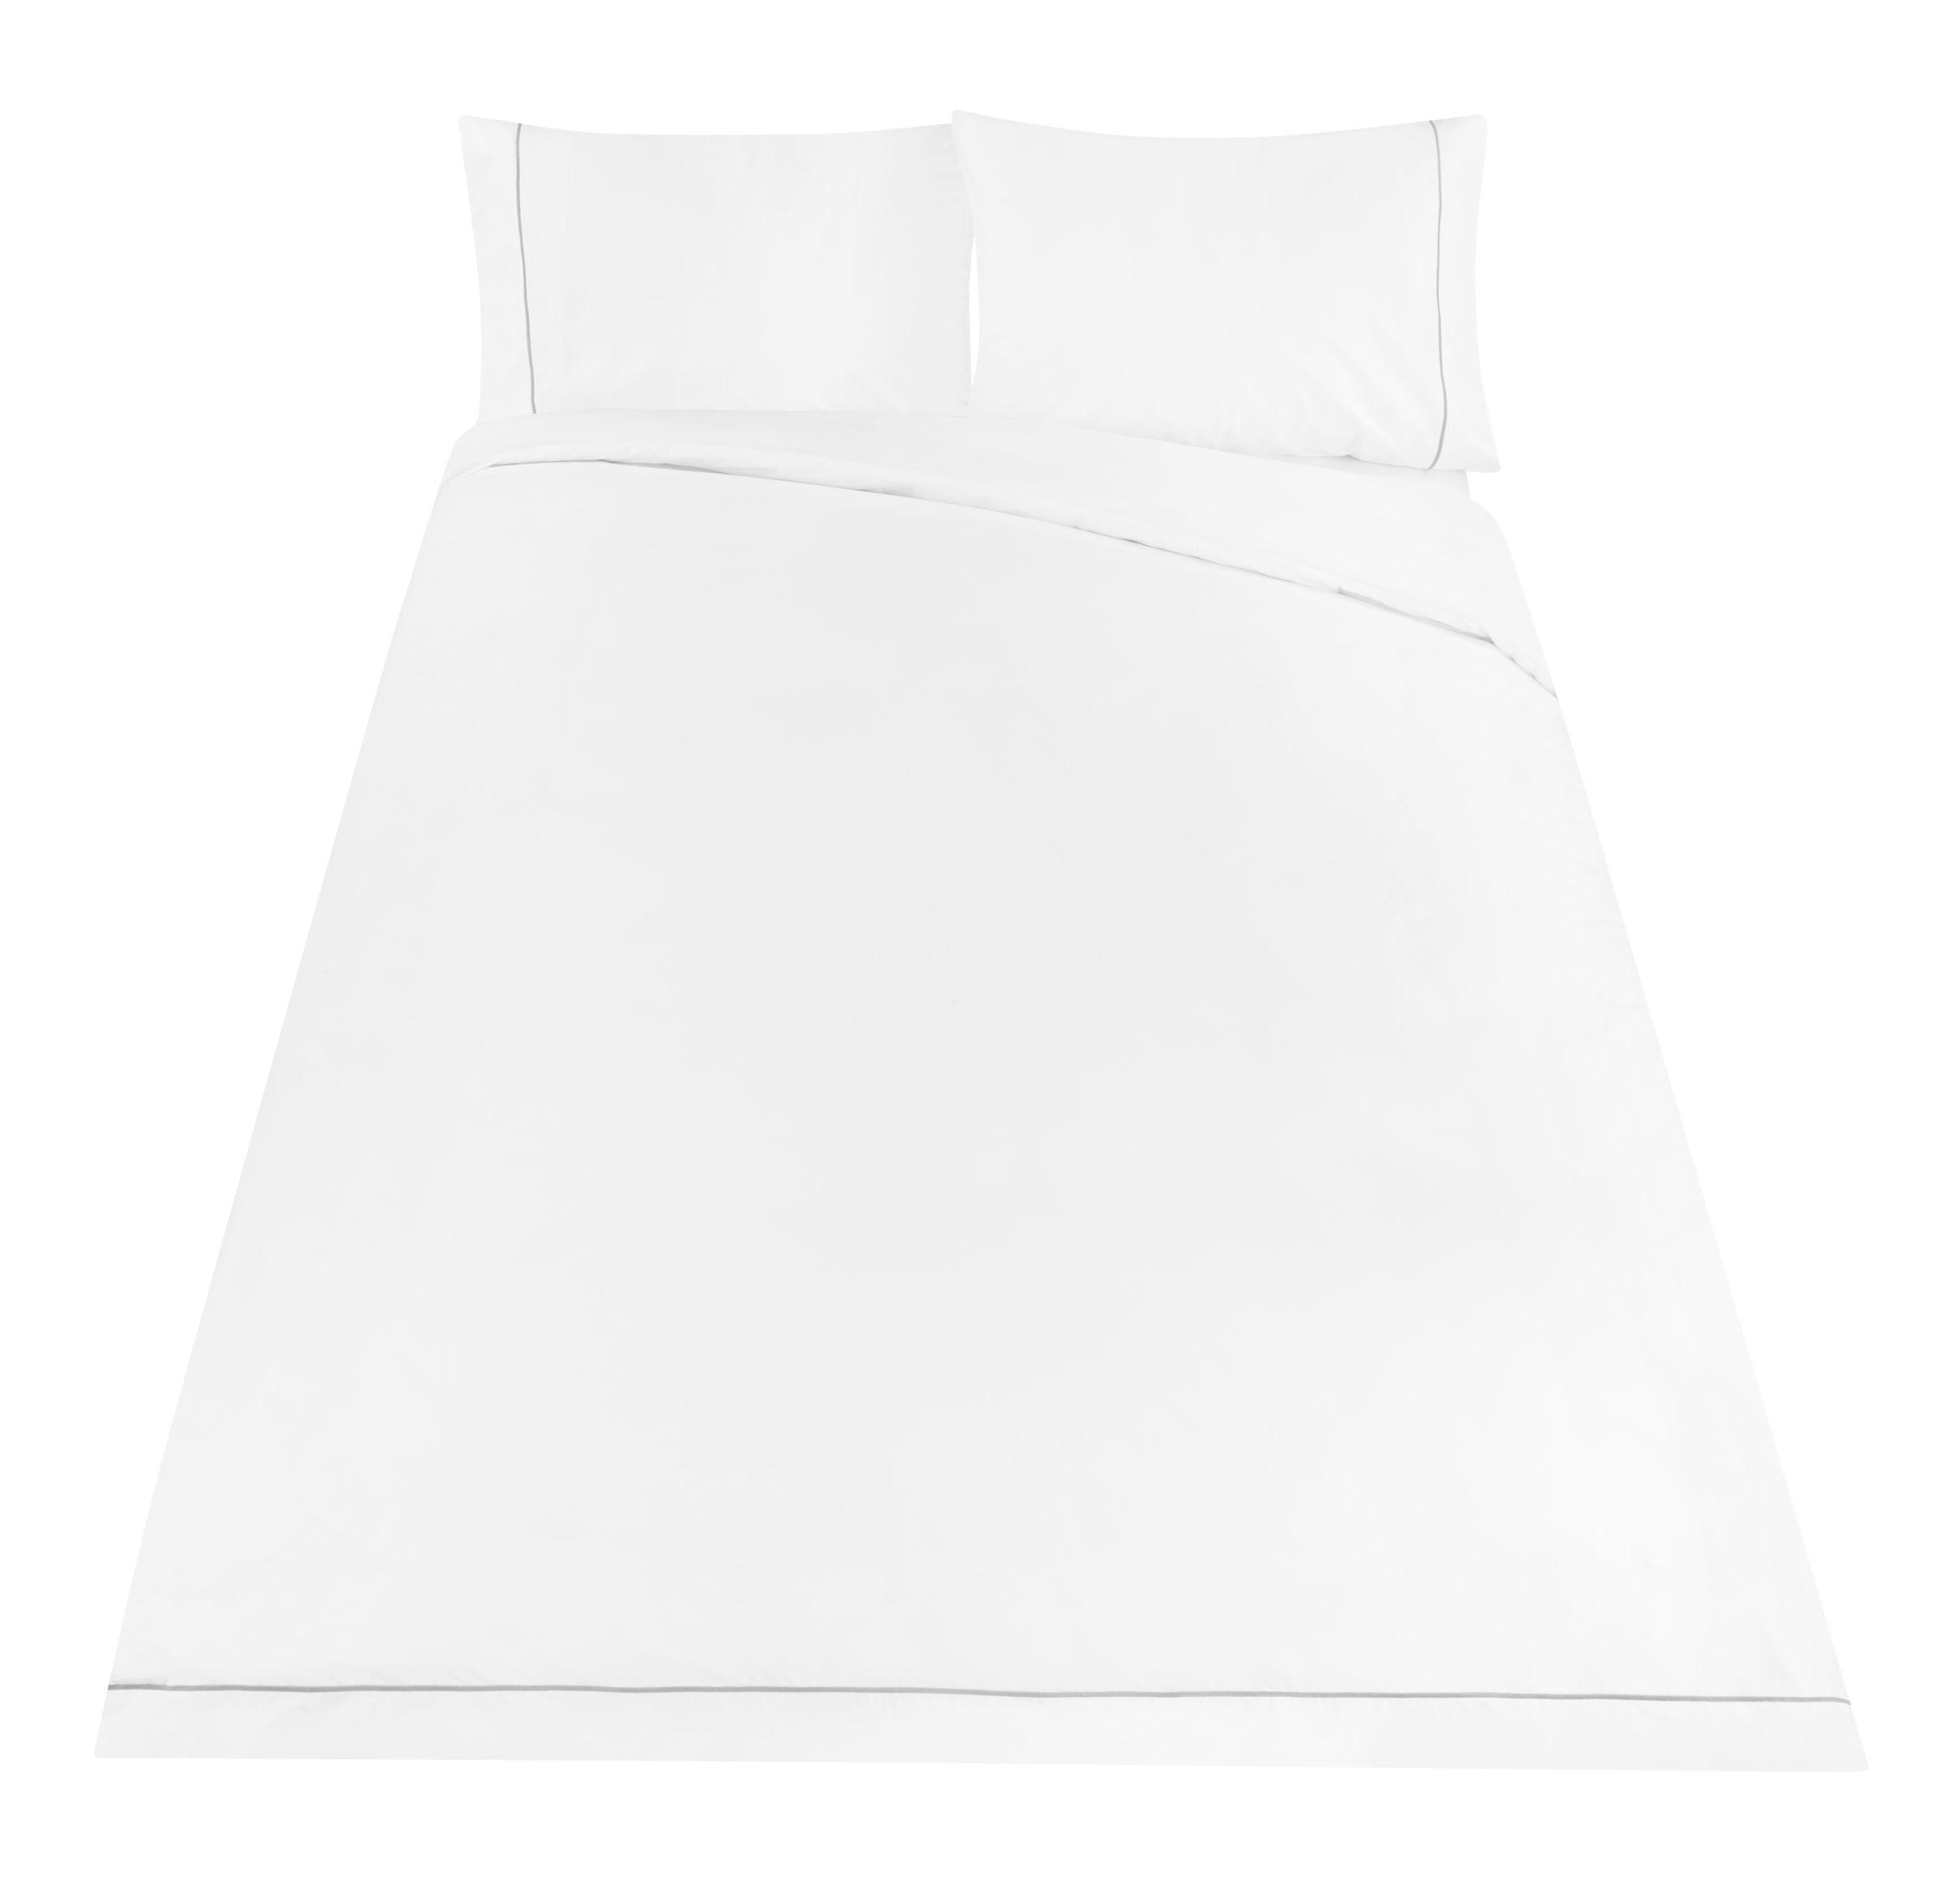 2 x John Lewis White Egyptian cotton pillowcases 200 Thread count